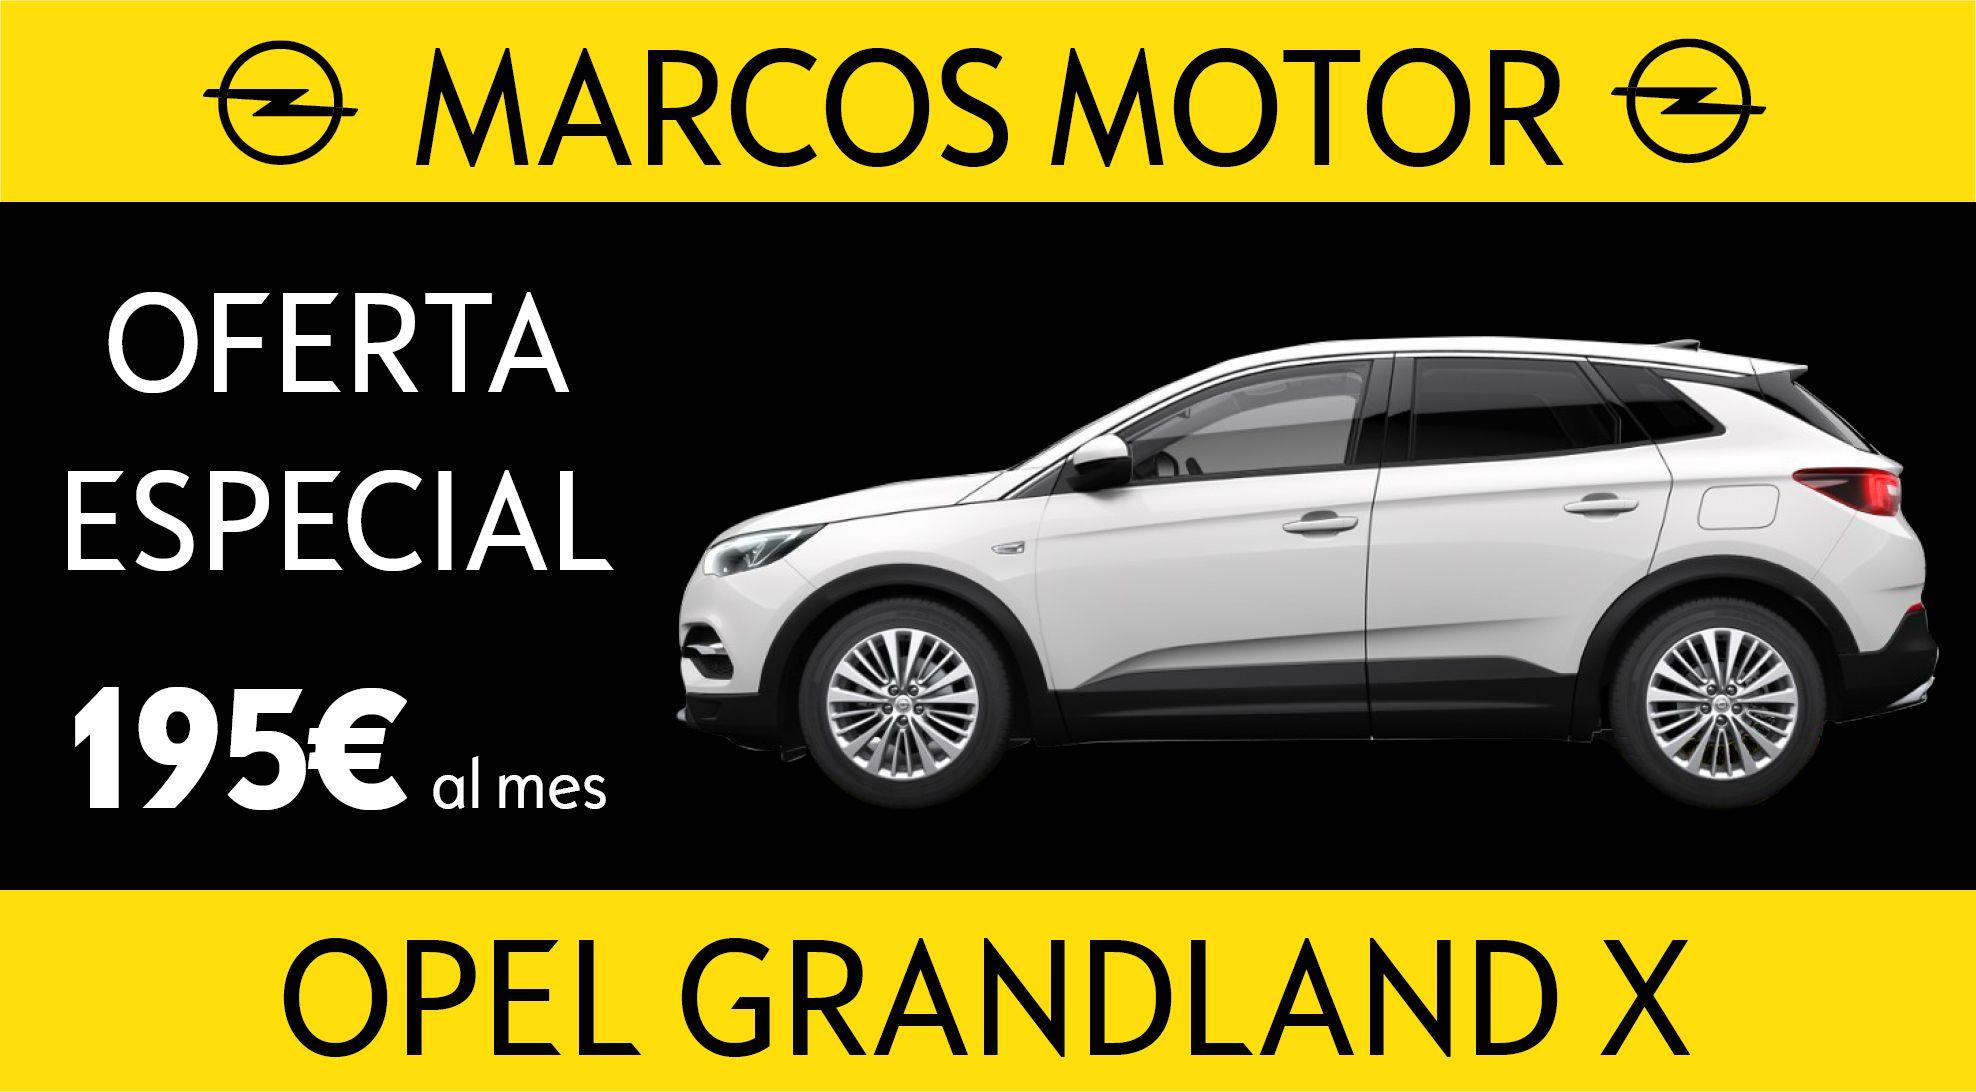 Opel Grandland X Offer € 195 per month